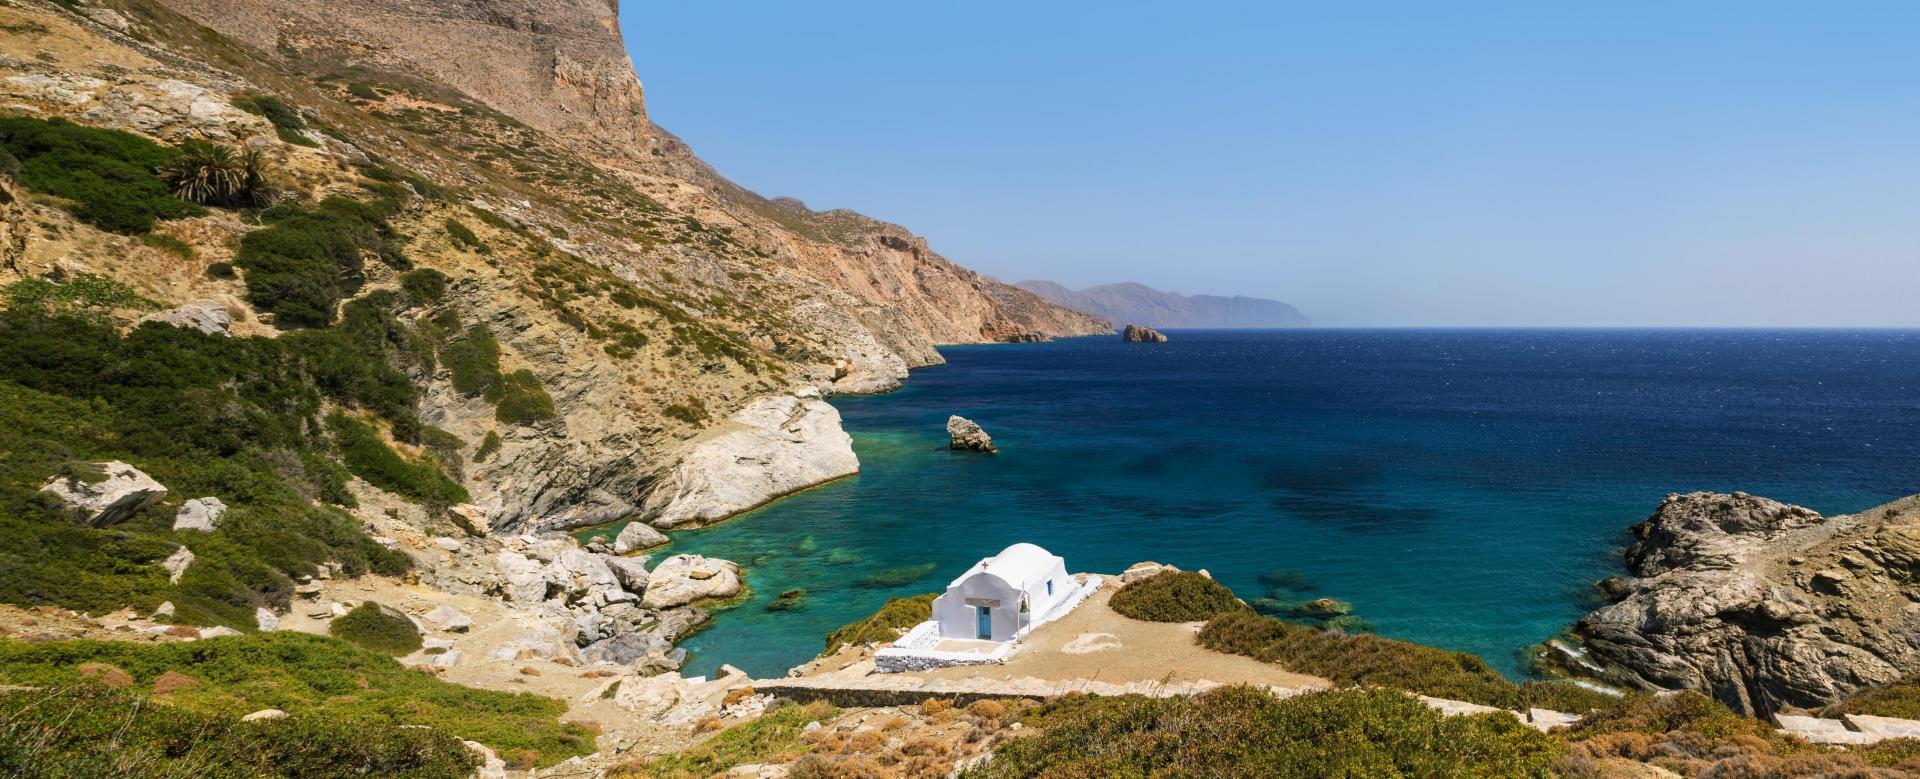 Voyage à pied : Les cyclades, naxos et amorgos